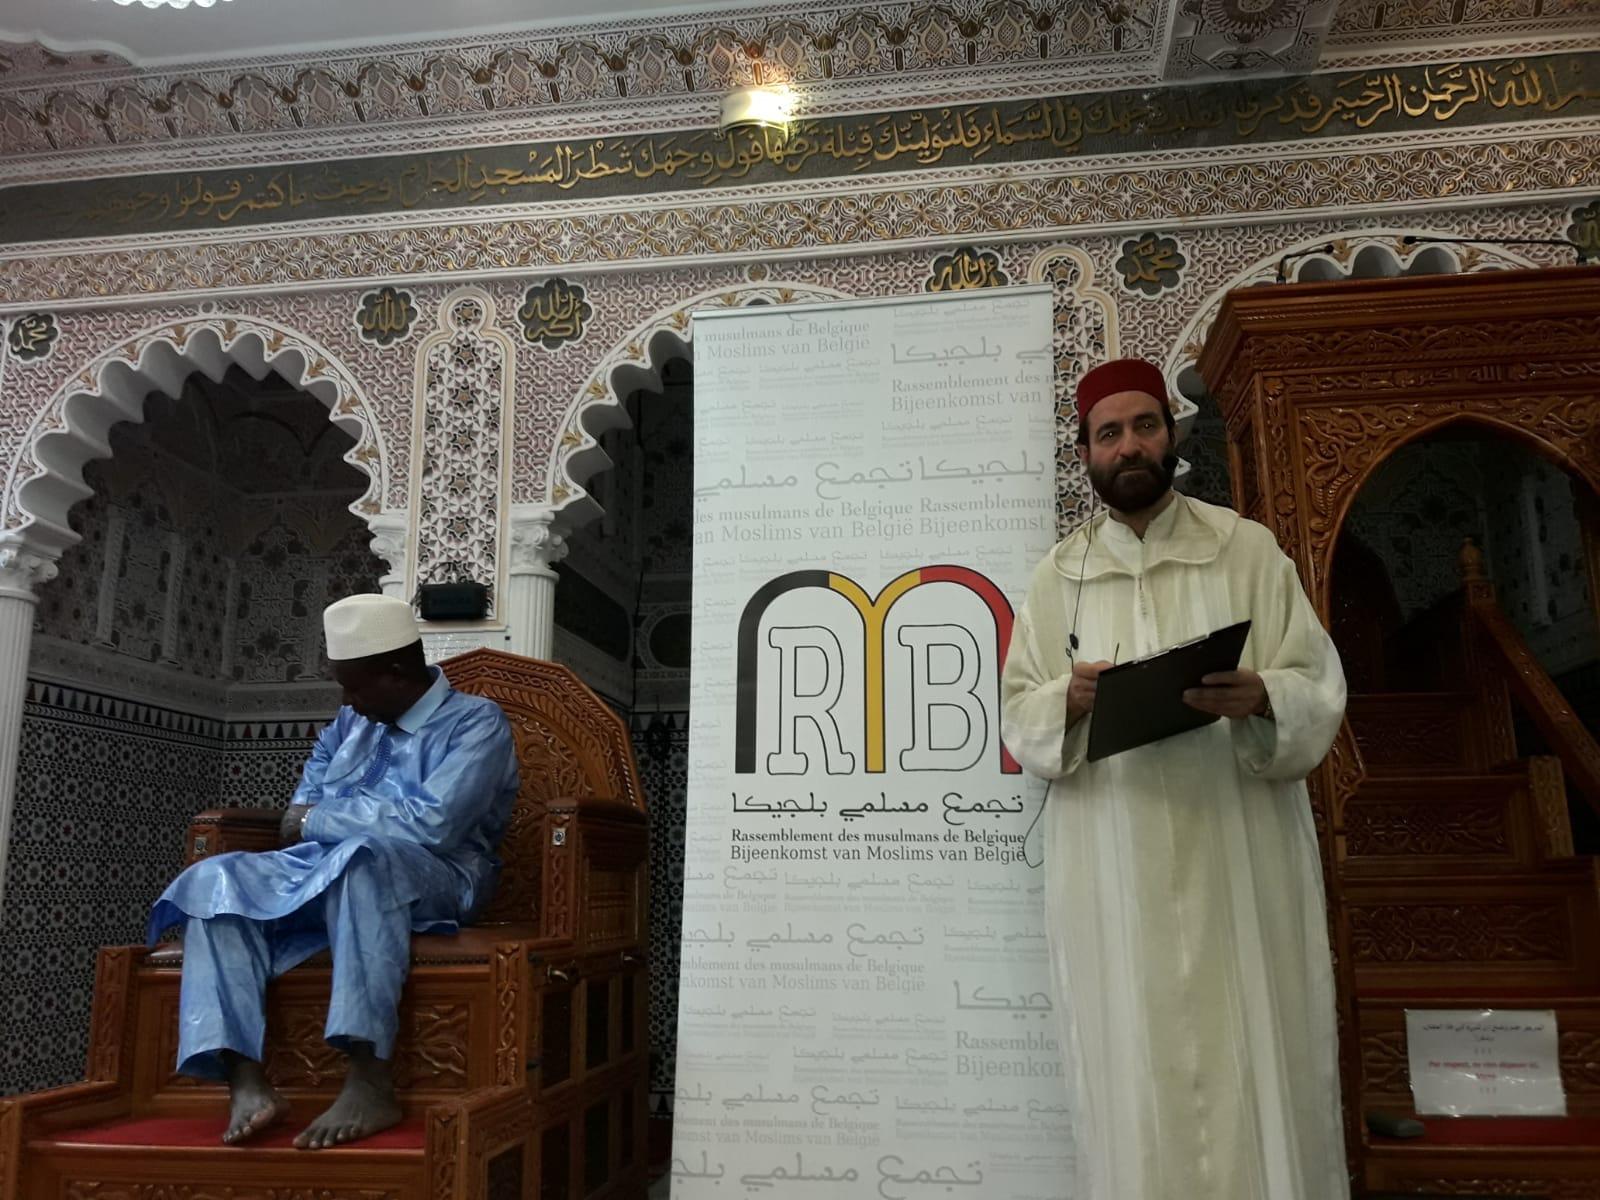 مسجد المتقين ببروكسيل يستضيف عباد الرحمان على مائدة الإفطار و يحقق مقاصد كبرى.